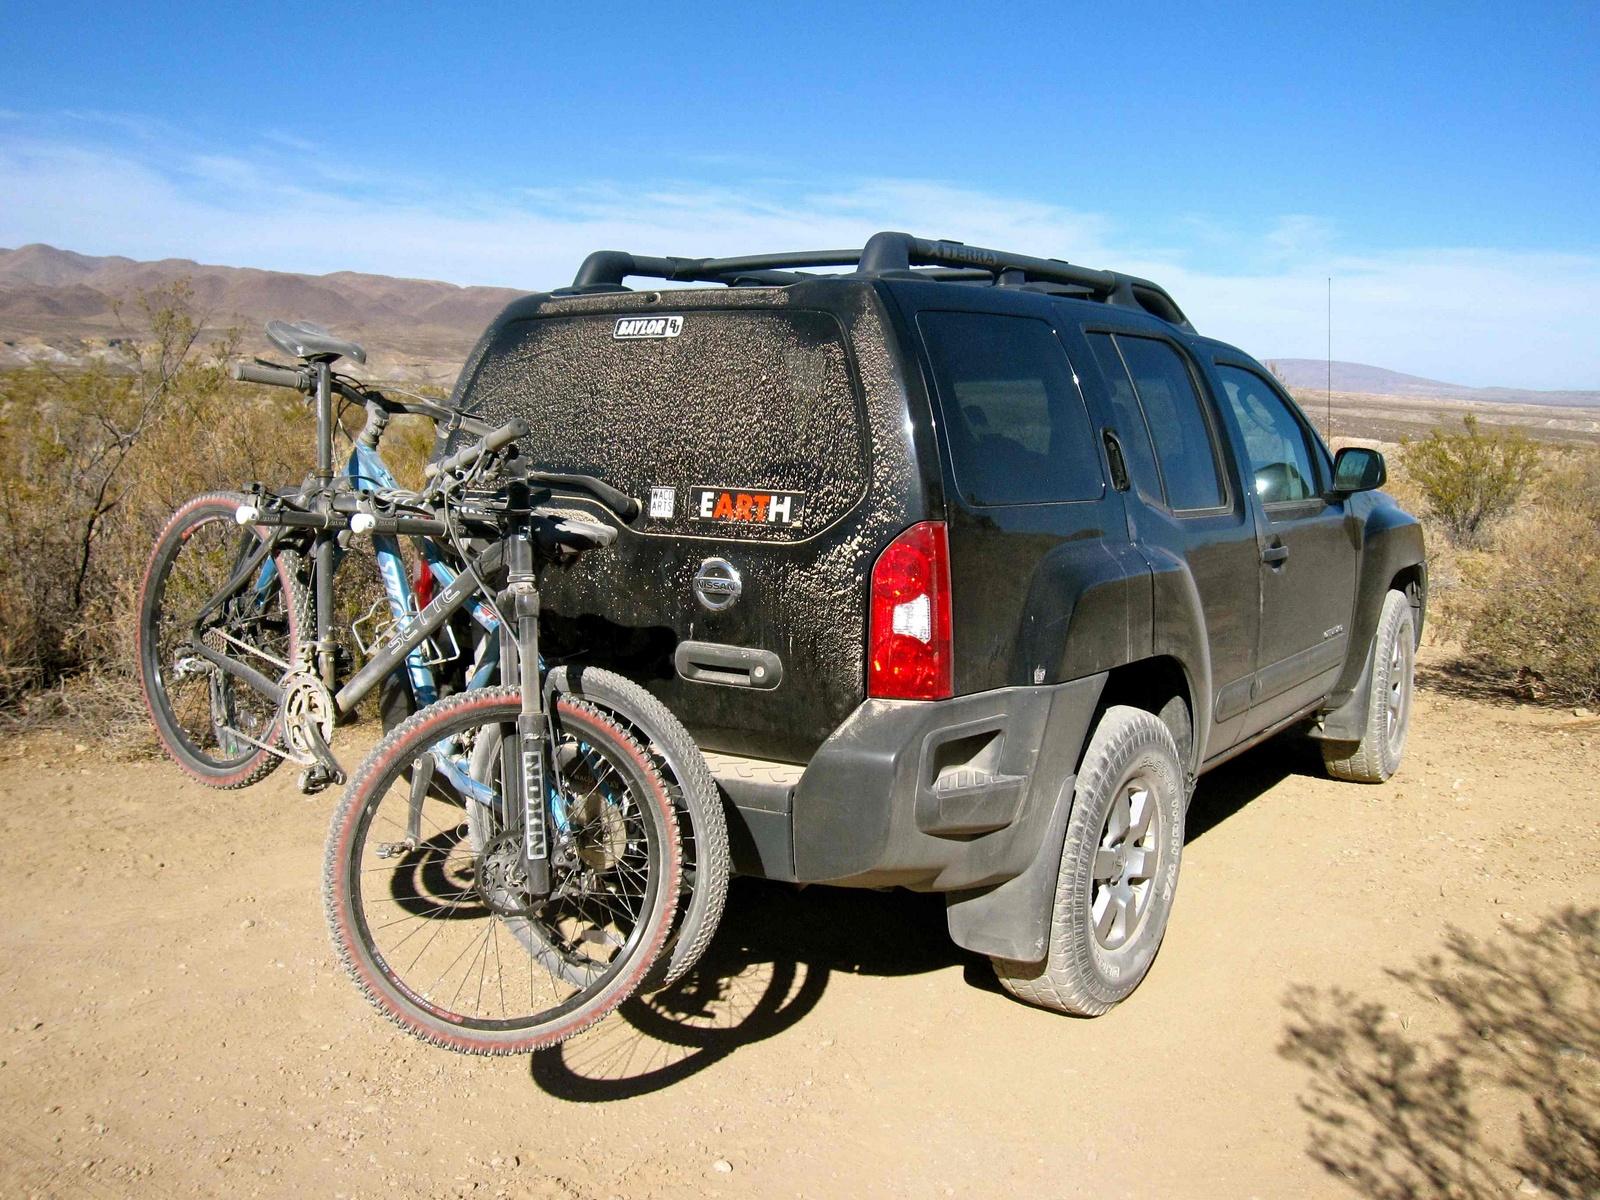 2008 nissan xterra pictures cargurus Nissan xterra bike rack interior